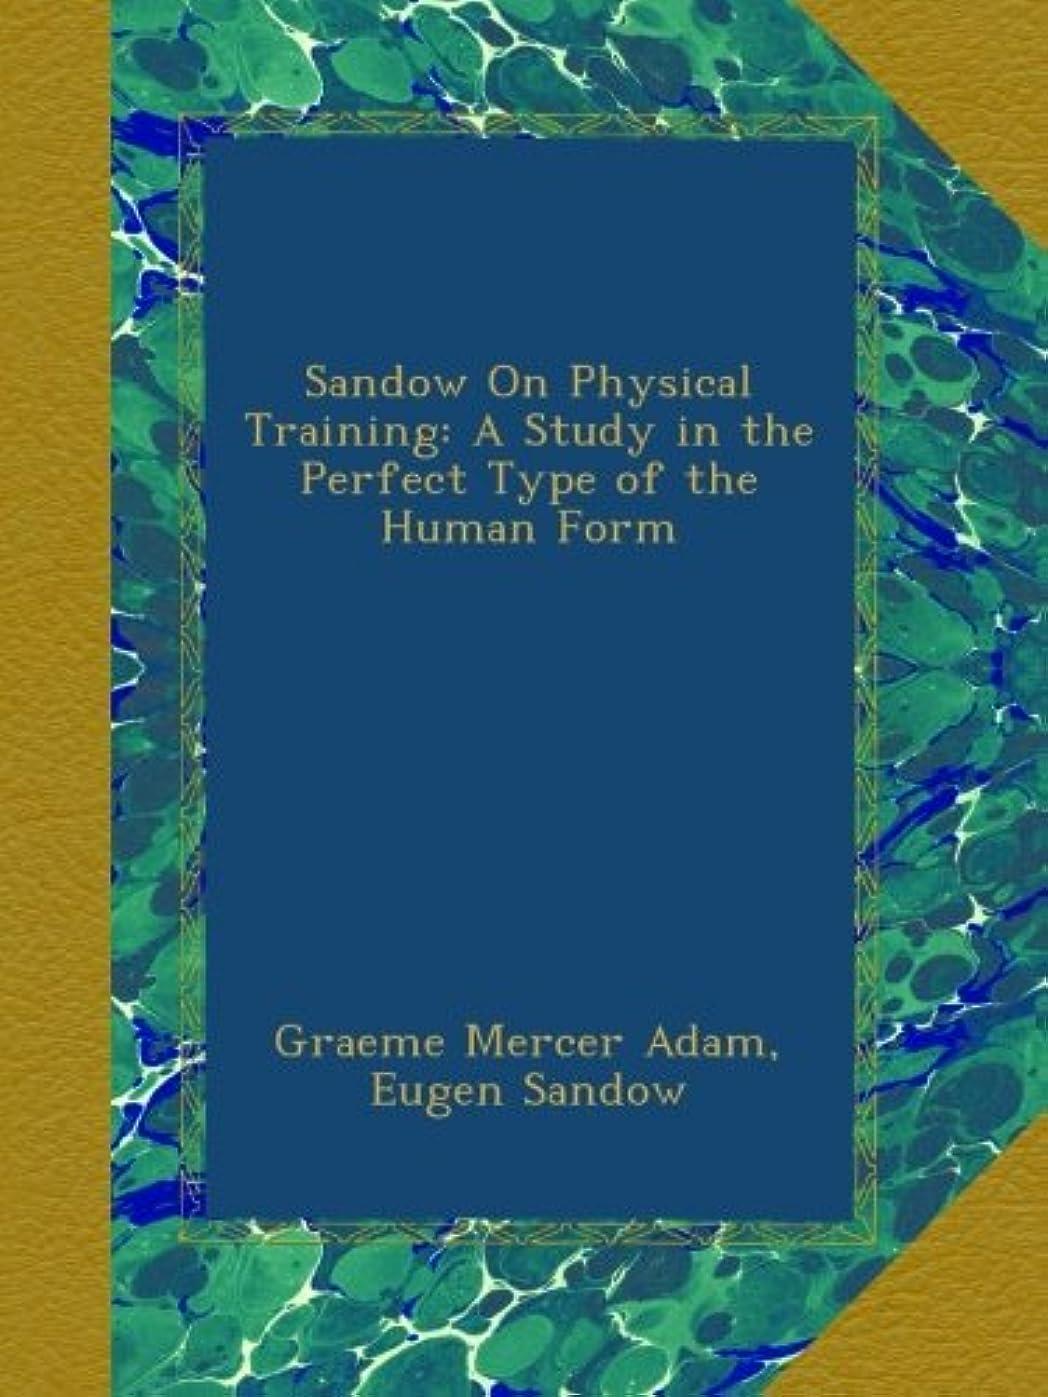 土意志森Sandow On Physical Training: A Study in the Perfect Type of the Human Form